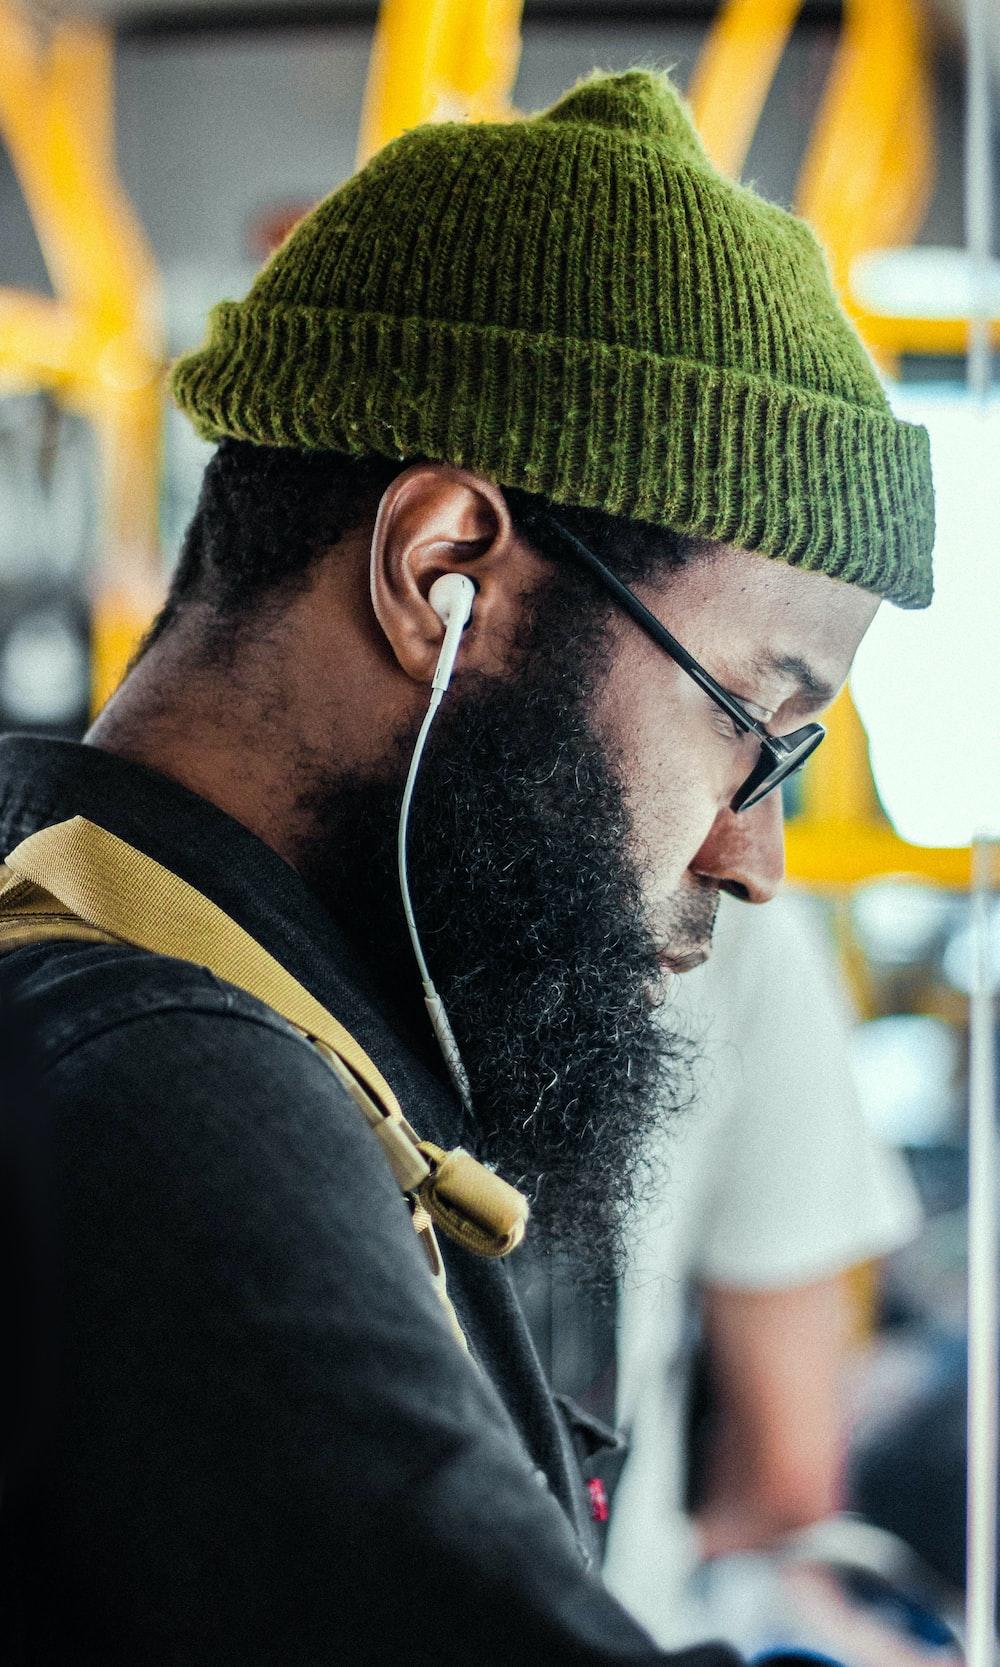 man wearing green knit cap using Apple EarPods